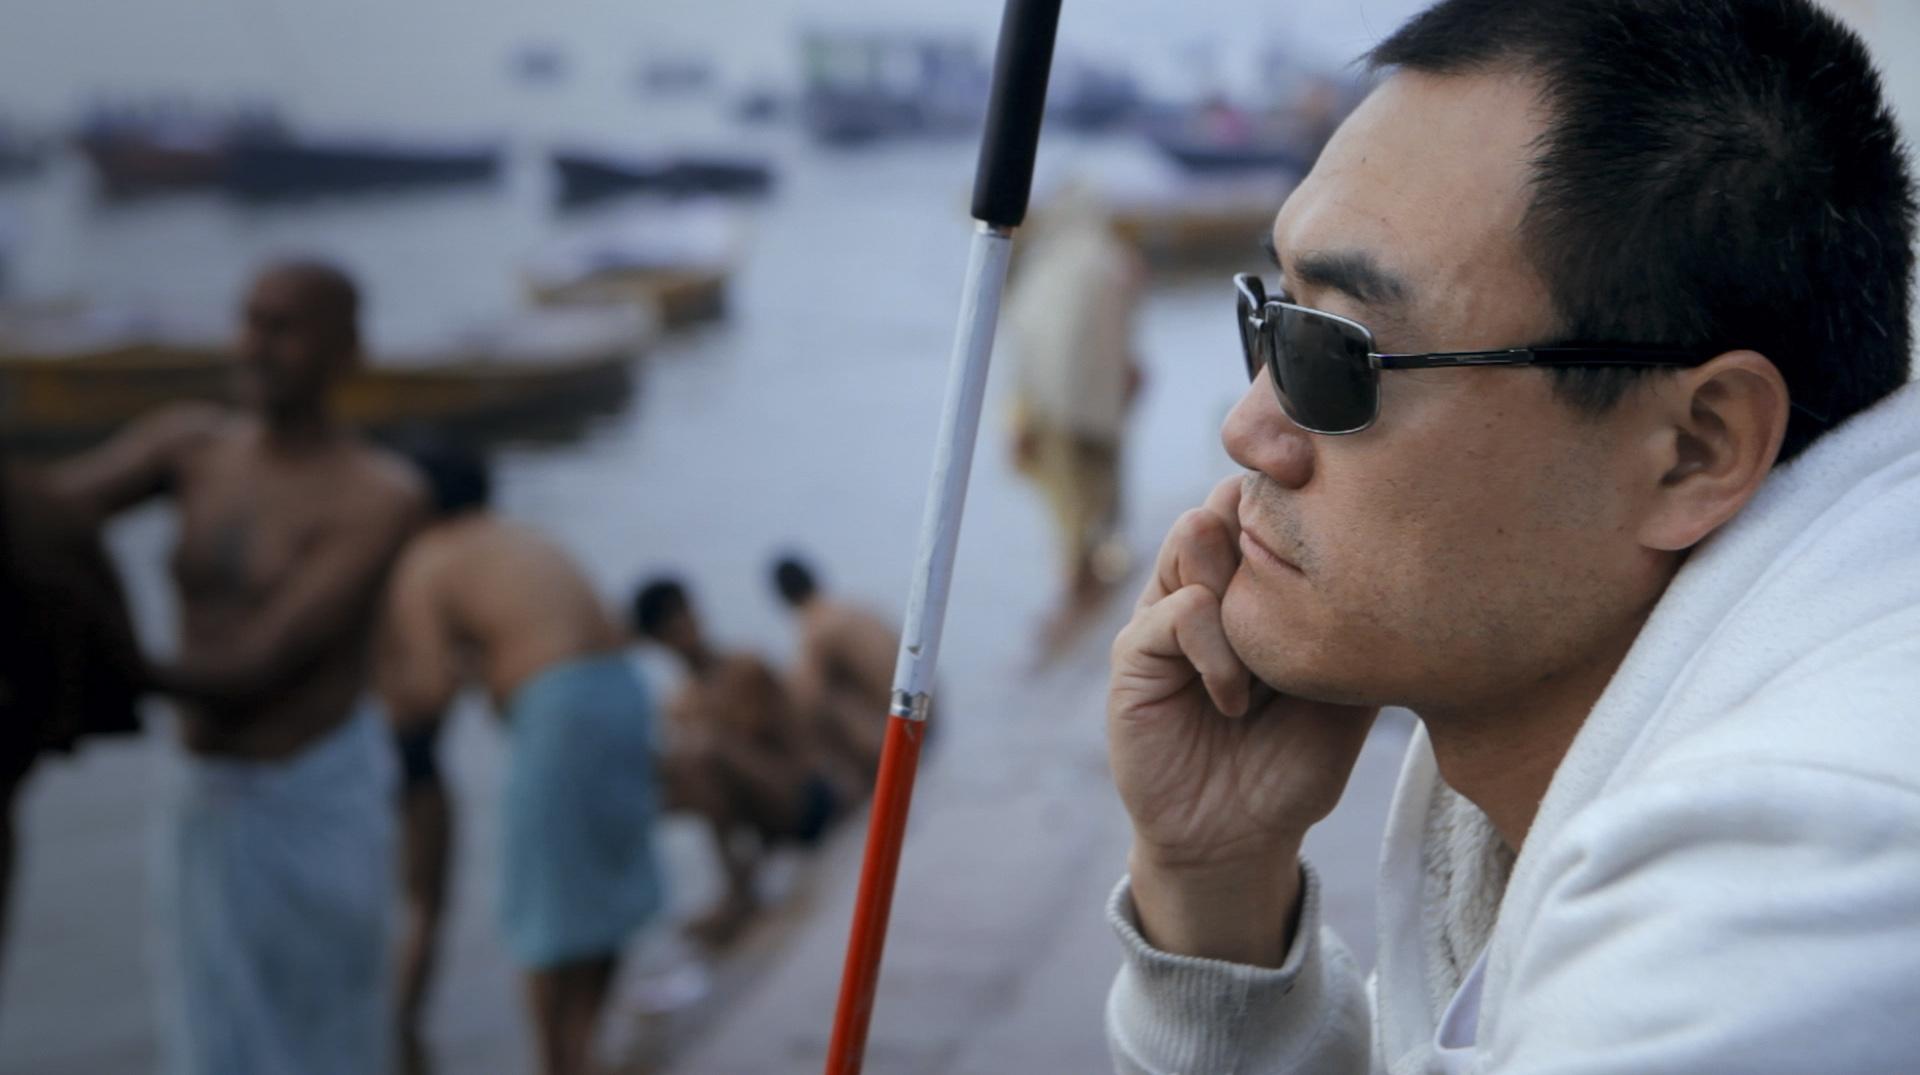 深焦专访《盲行者》导演韩轶 |他看不见这个世界,却执意让世界看见他